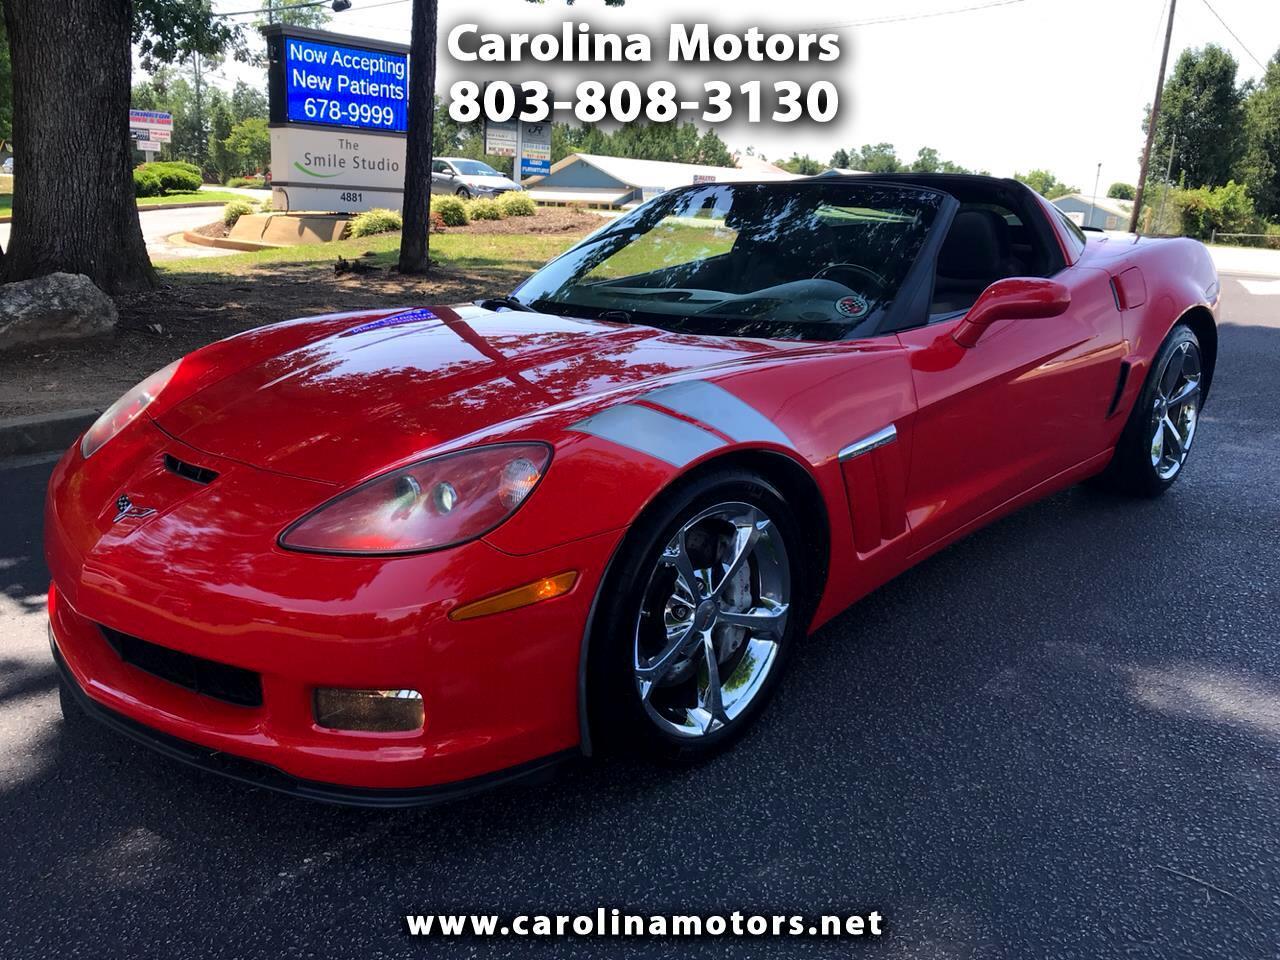 2012 Chevrolet Corvette GS Coupe 3LT